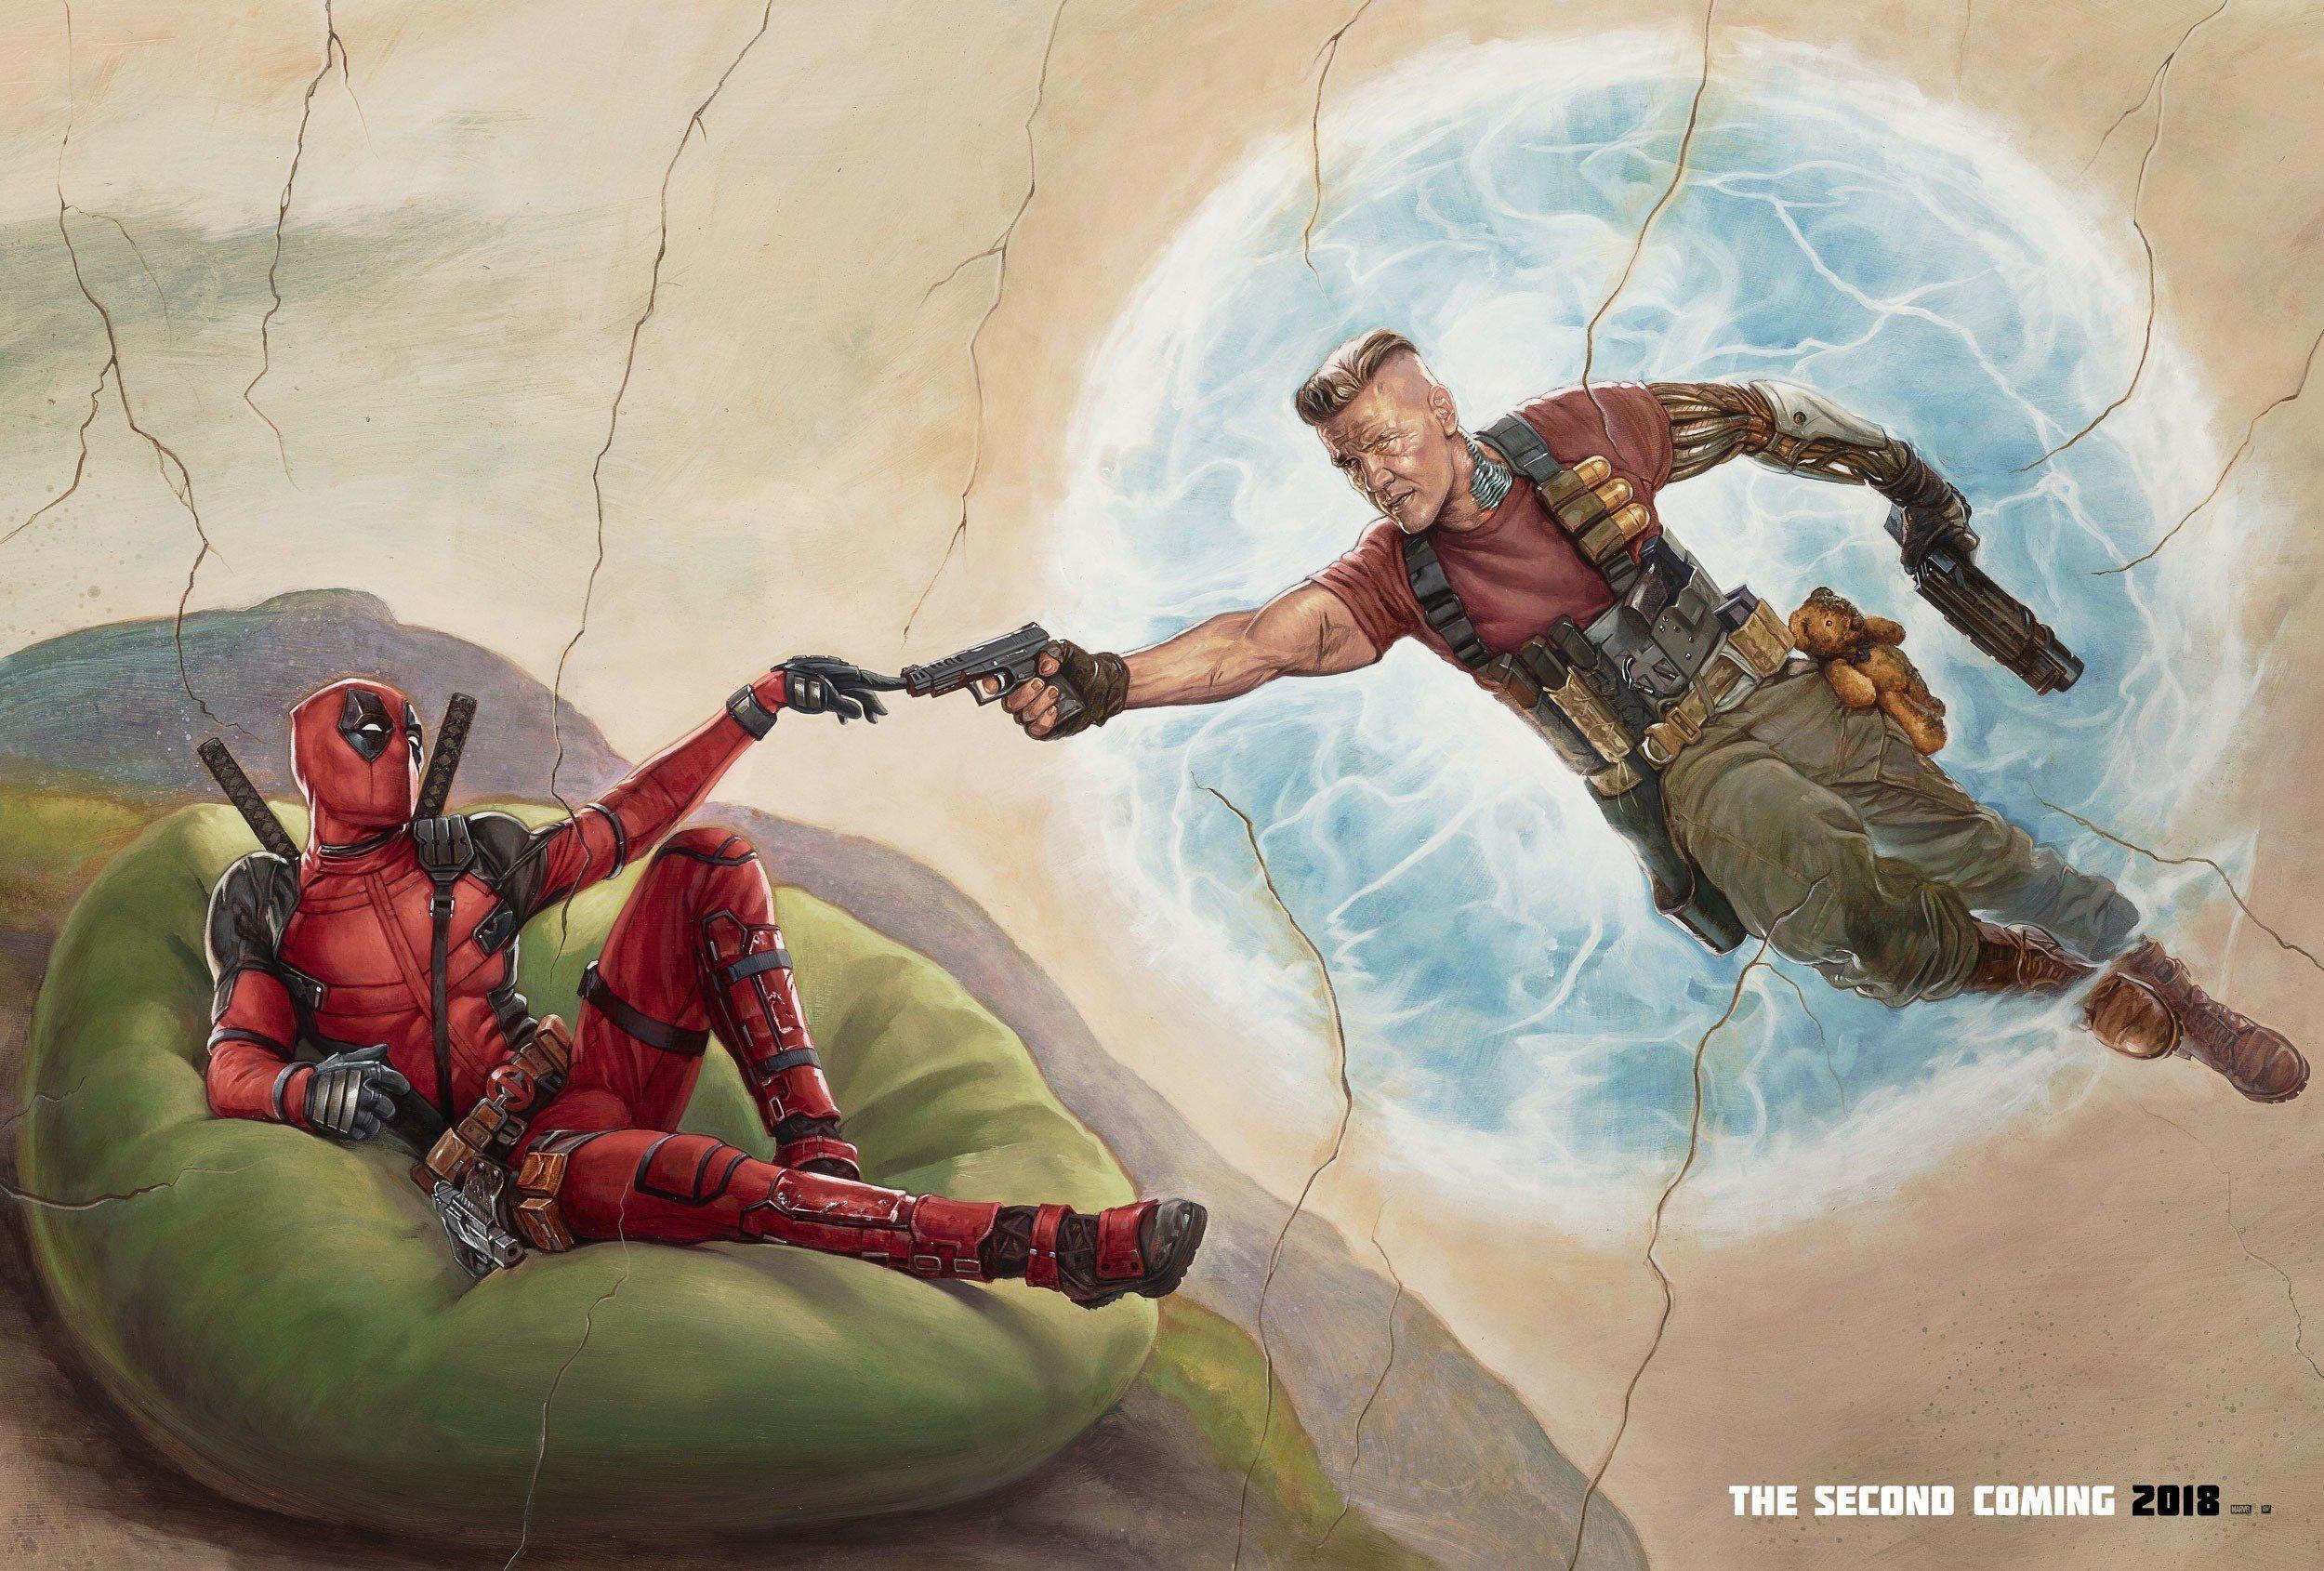 Poster pour le film Deadpool 2 parodiant La Création d'Adam de Michel-Ange